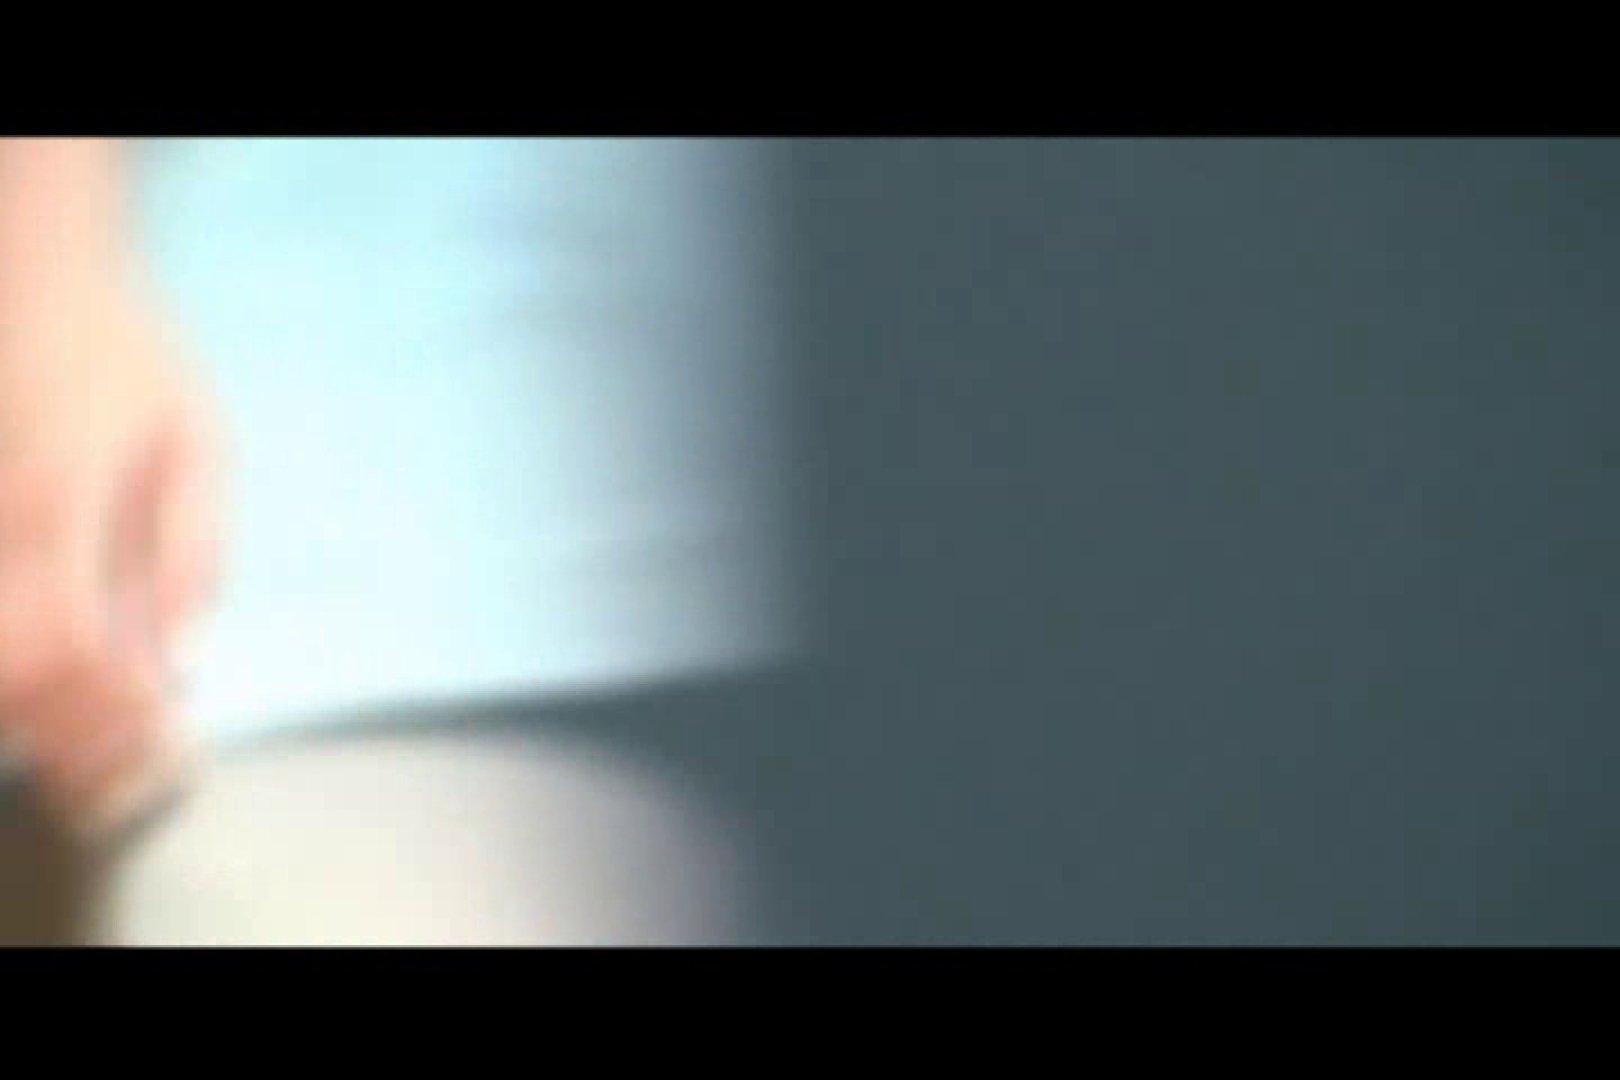 独占配信!無修正! 看護女子寮 vol.12 OLのエロ生活 | ナースのエロ生活  86連発 1